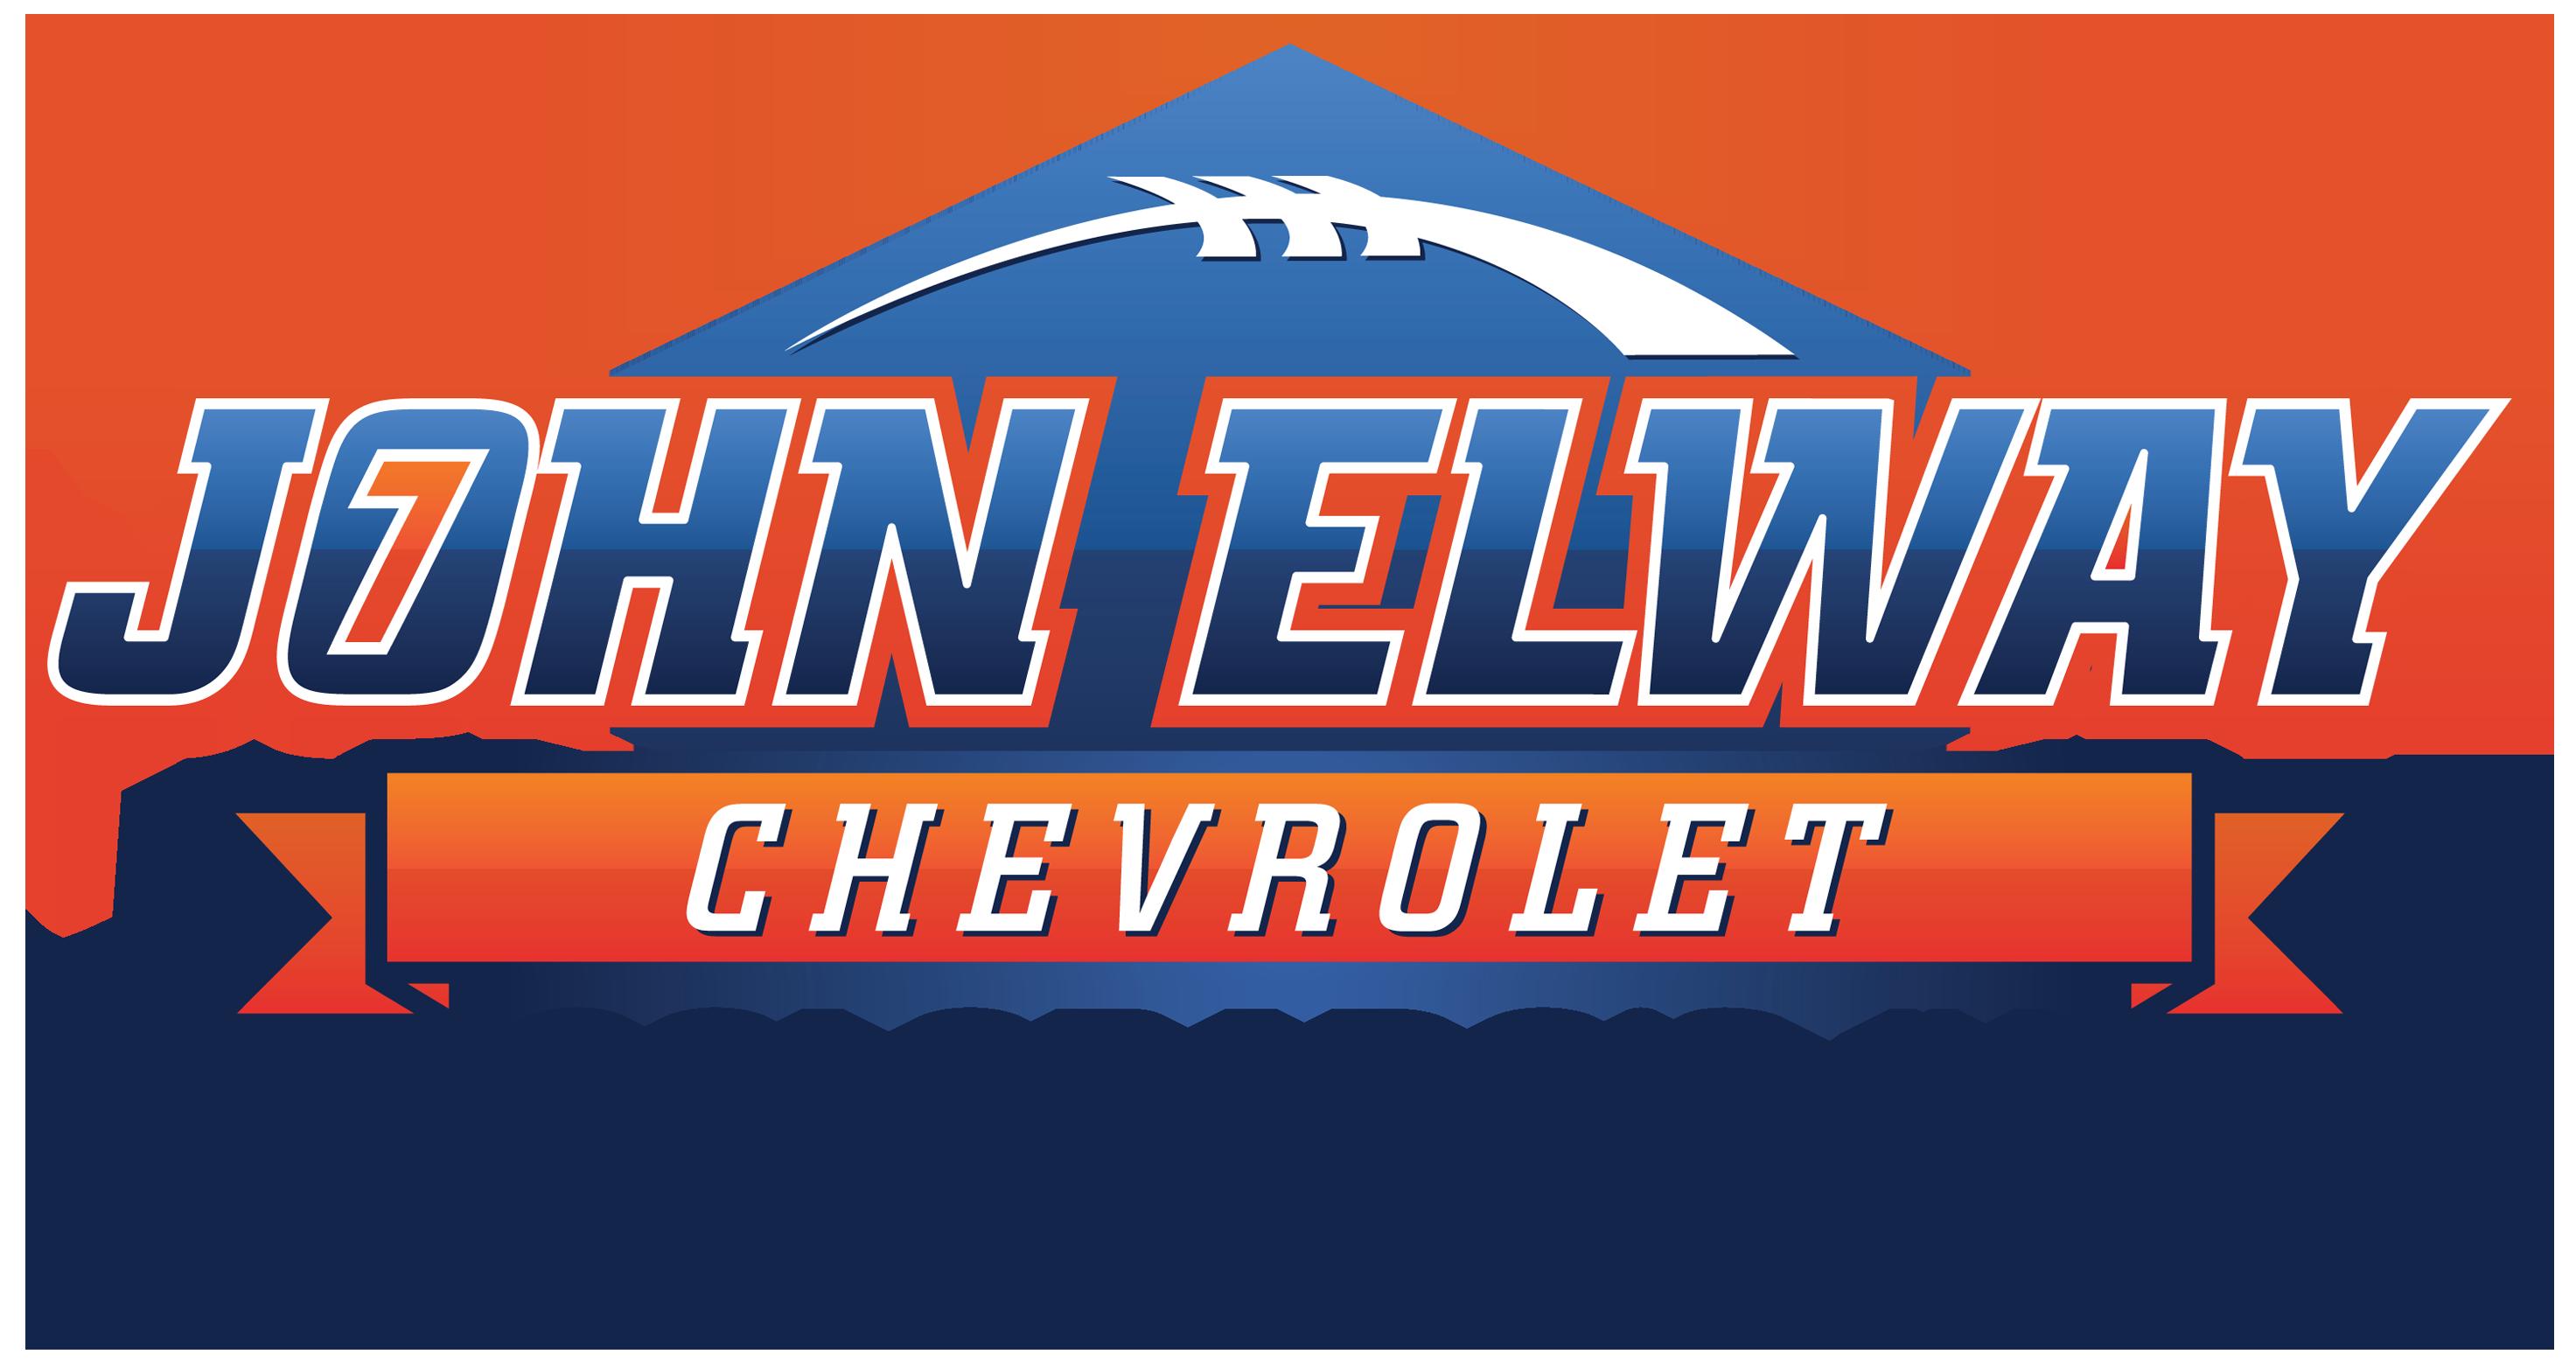 John Elway Chevrolet